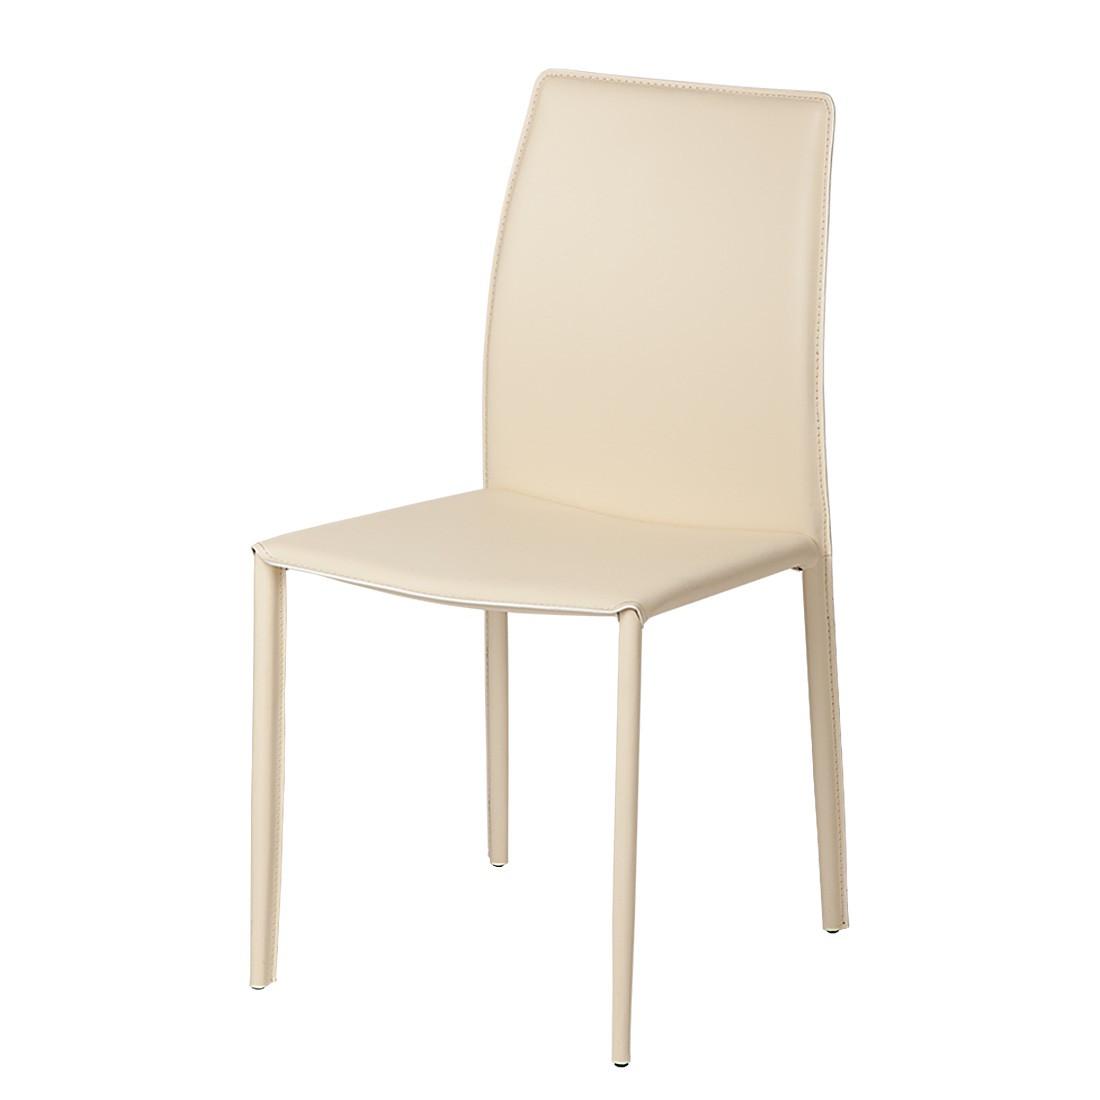 esszimmerstuhl manon 2er set regeneriertes leder creme fredriks g nstig. Black Bedroom Furniture Sets. Home Design Ideas